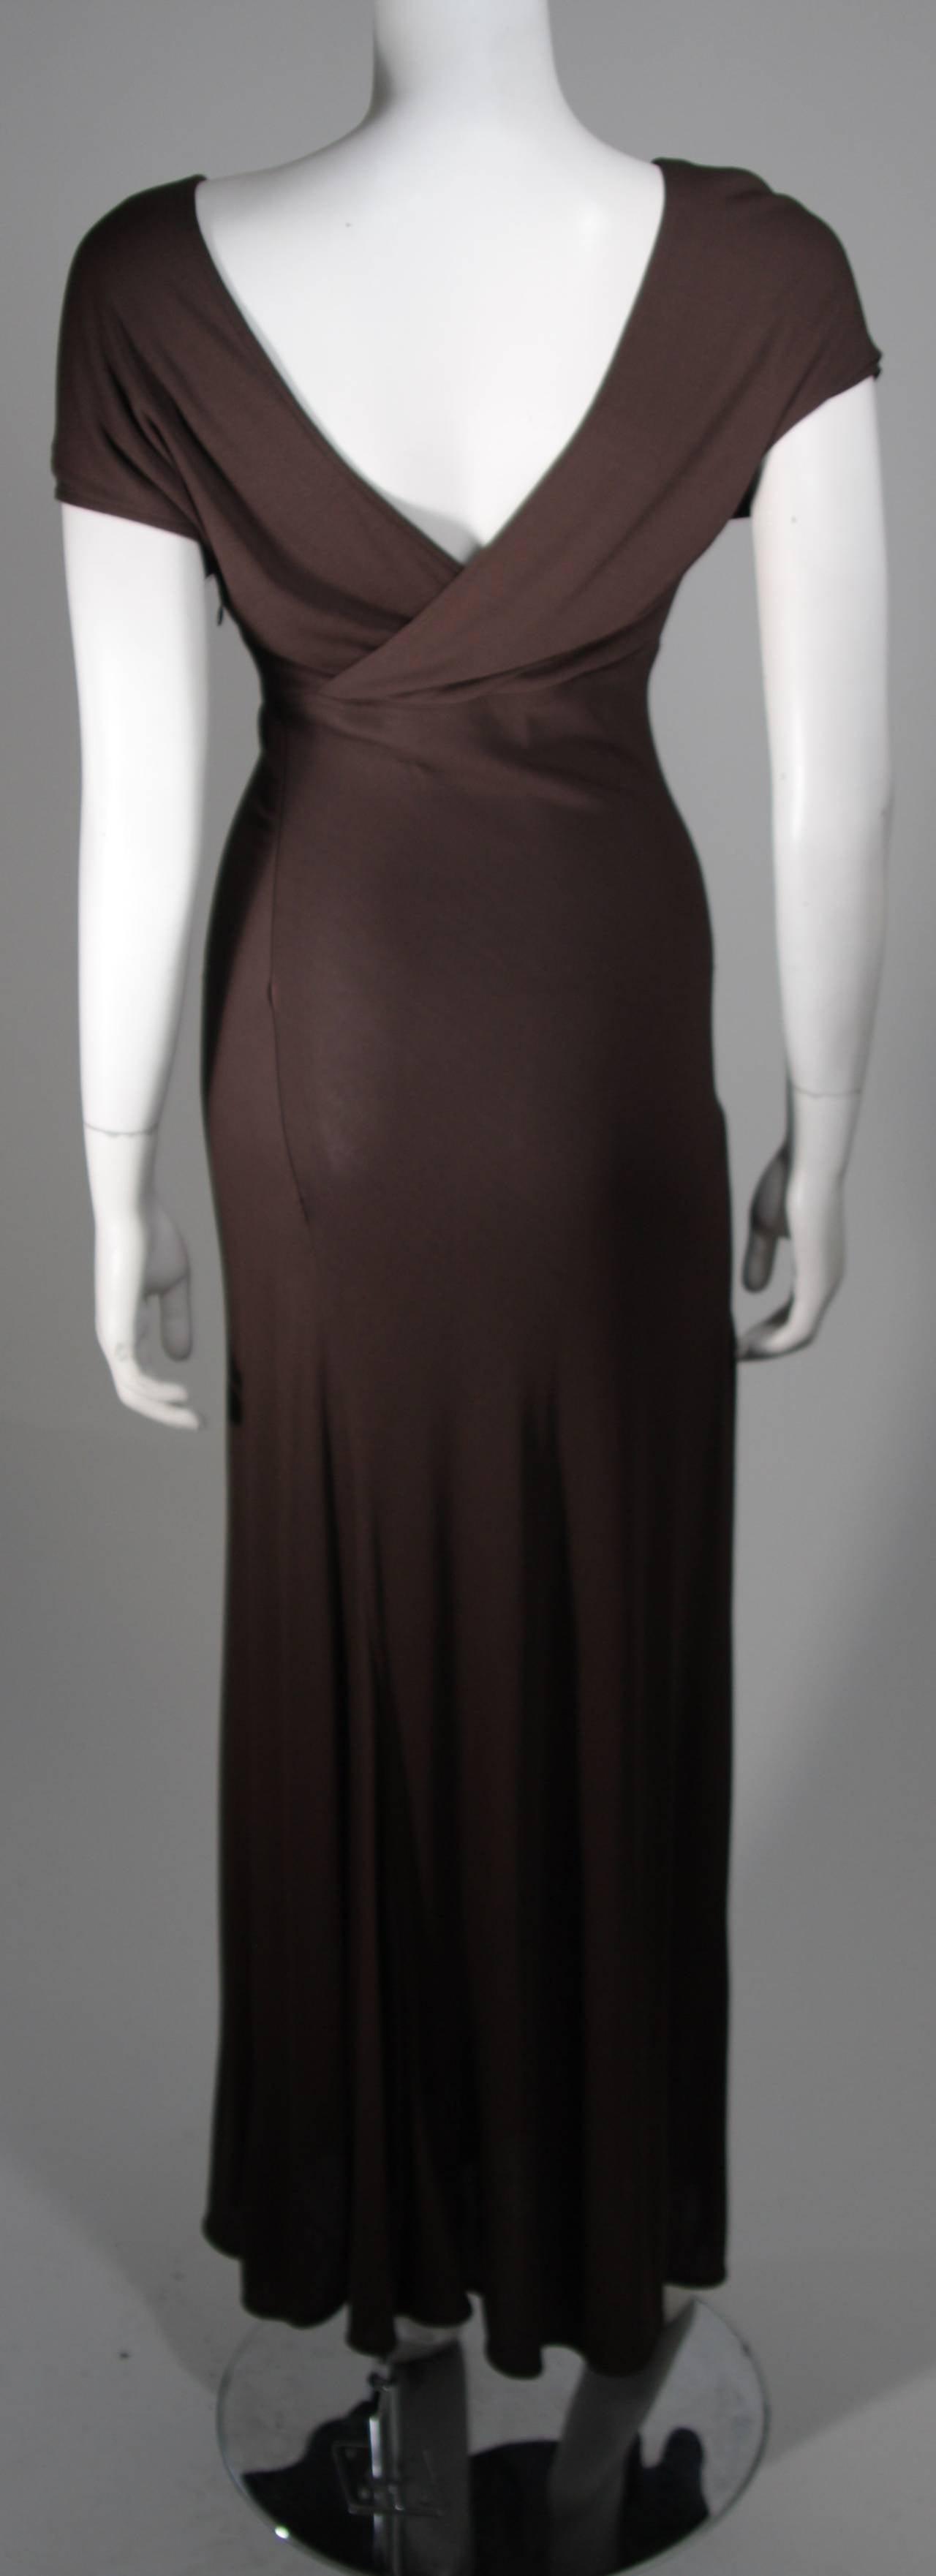 Emanuel Ungaro 1990's Brown Jersey Gown Size 8 7